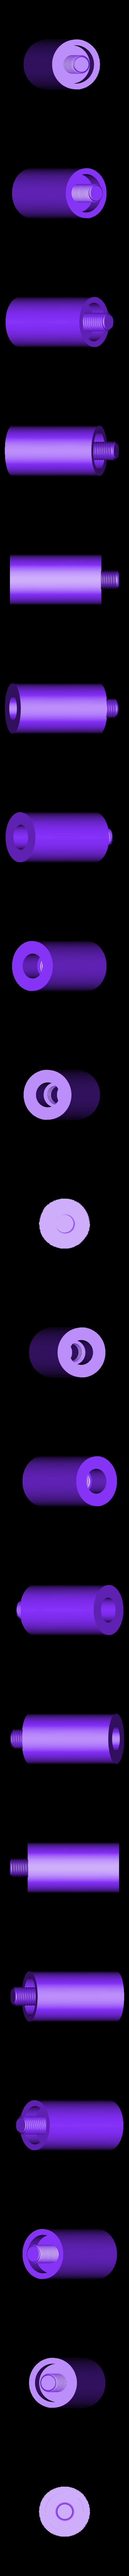 BottomRod_20in.stl Télécharger fichier STL gratuit Porte-bobine universel - Ancienne version • Design à imprimer en 3D, Balkhagal4D